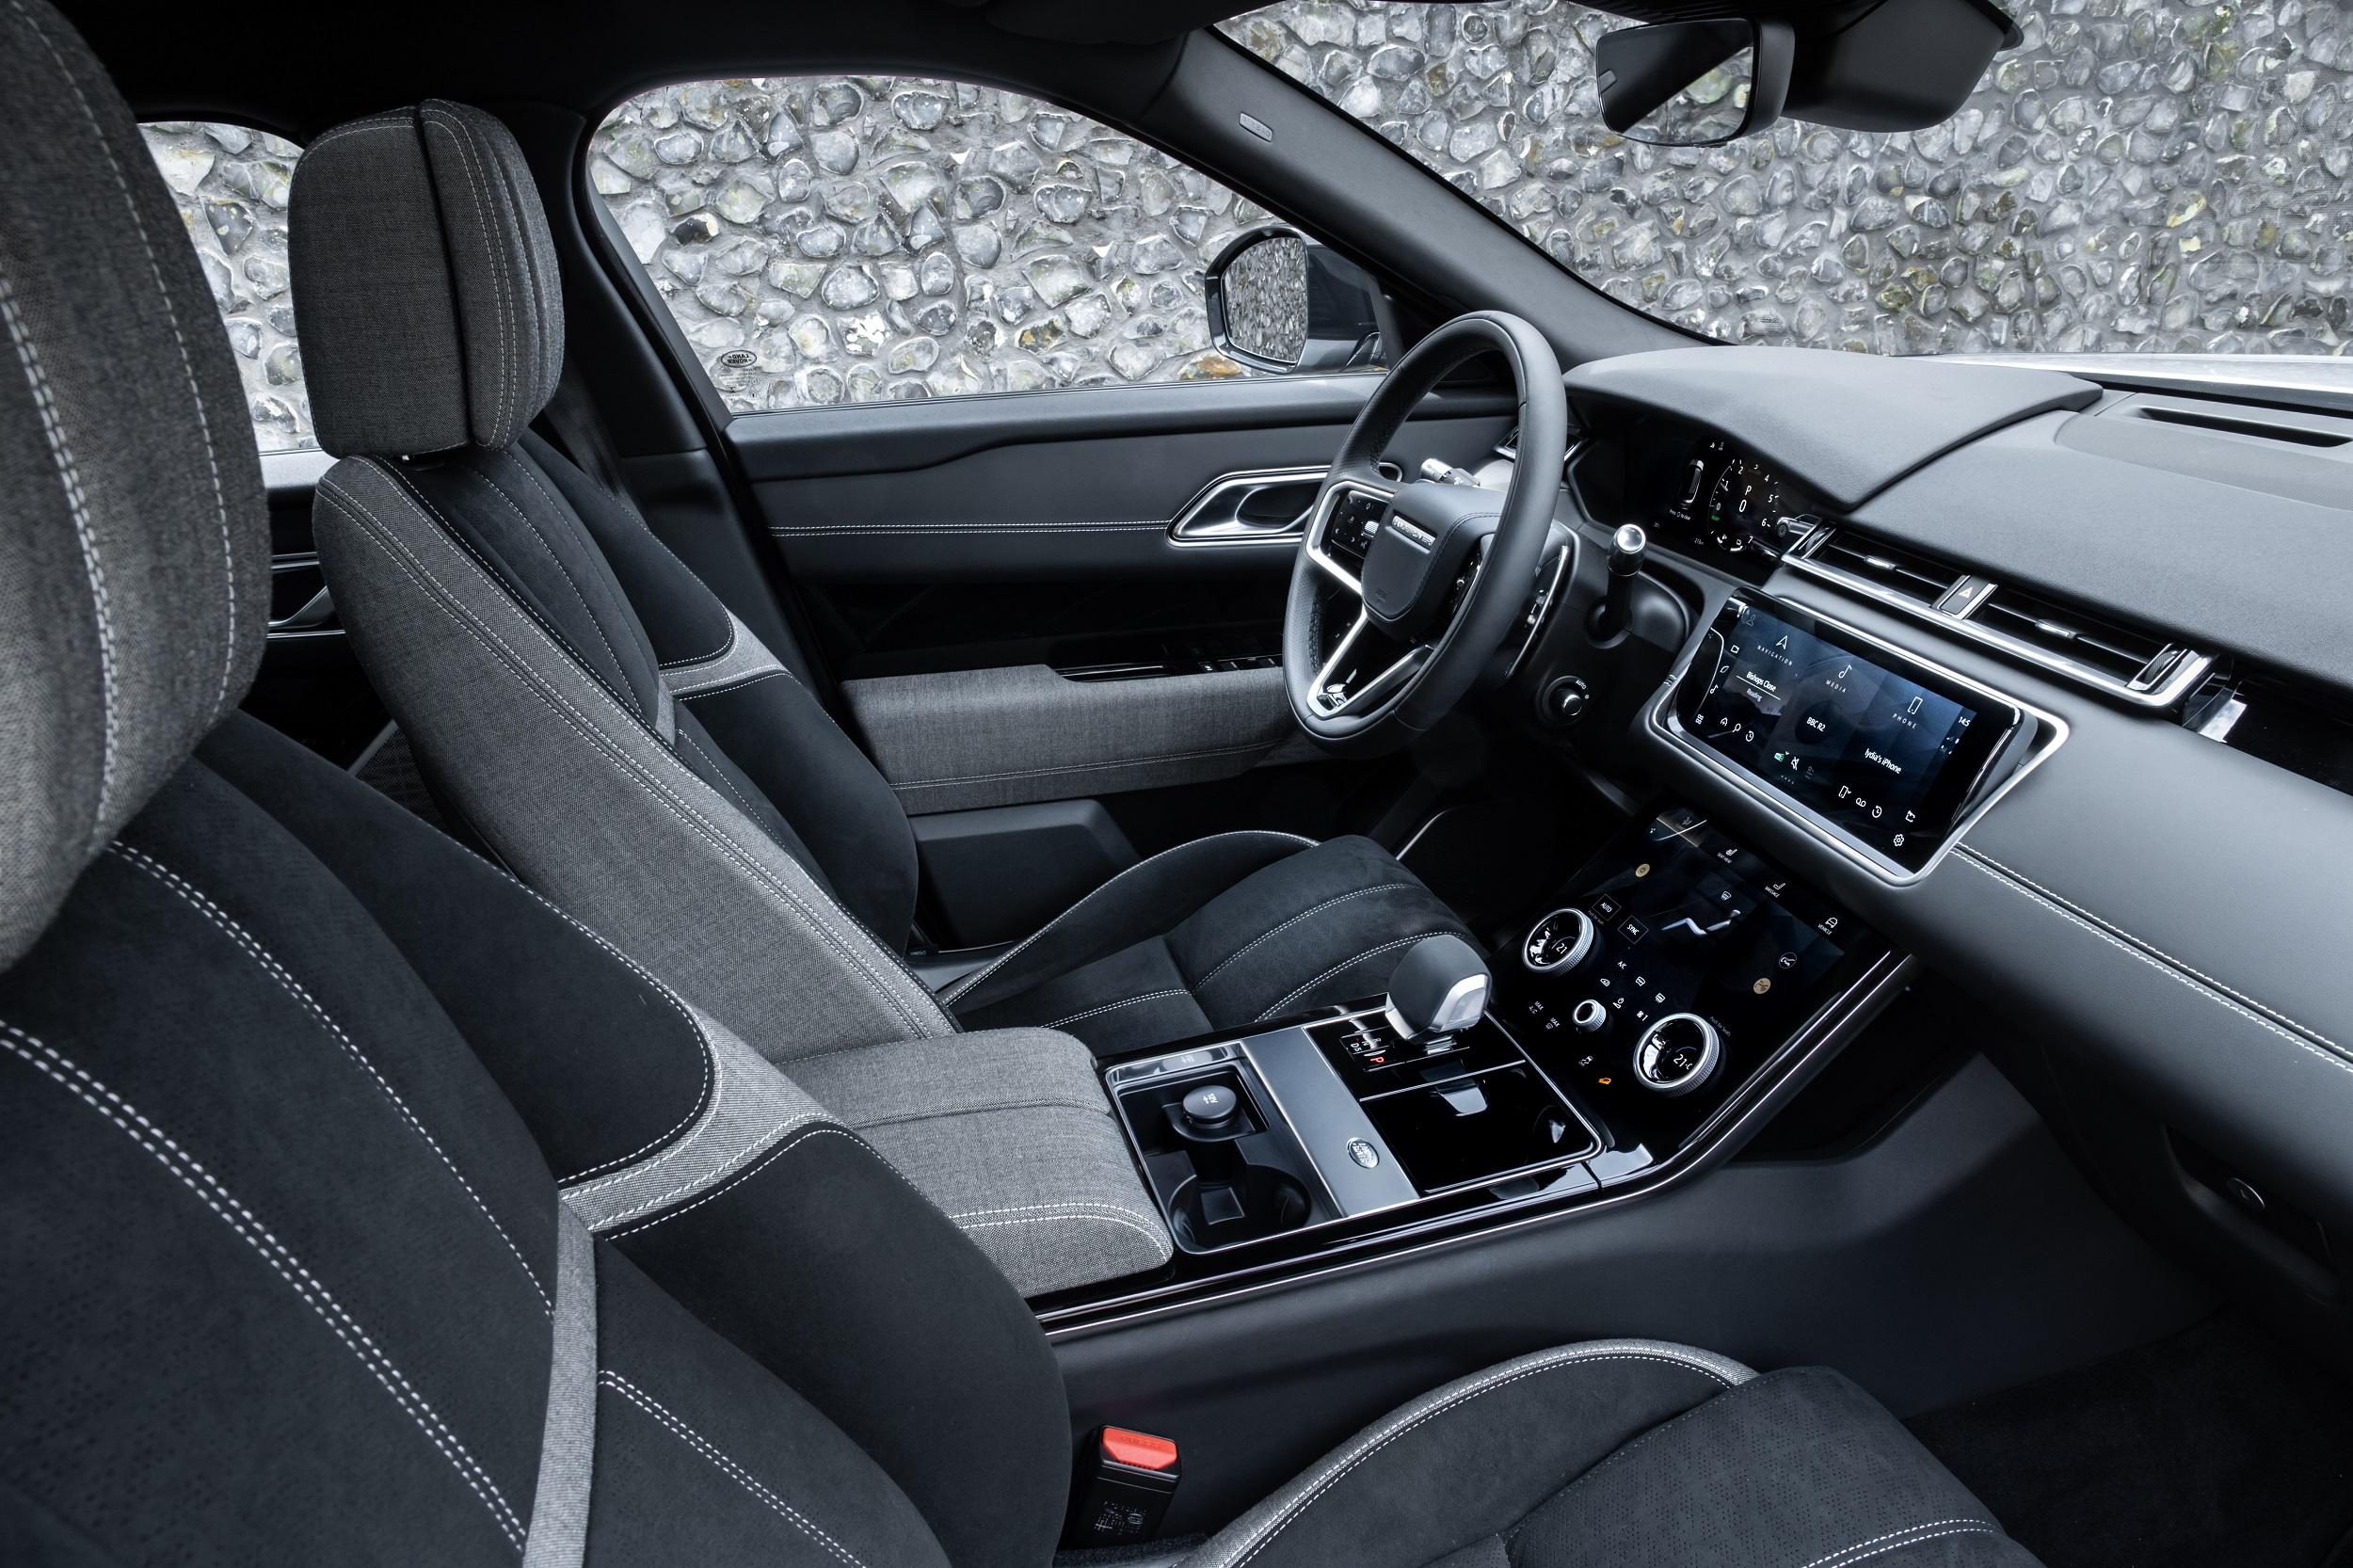 Auto Stahl der neue Range Rover Velar Innenansicht